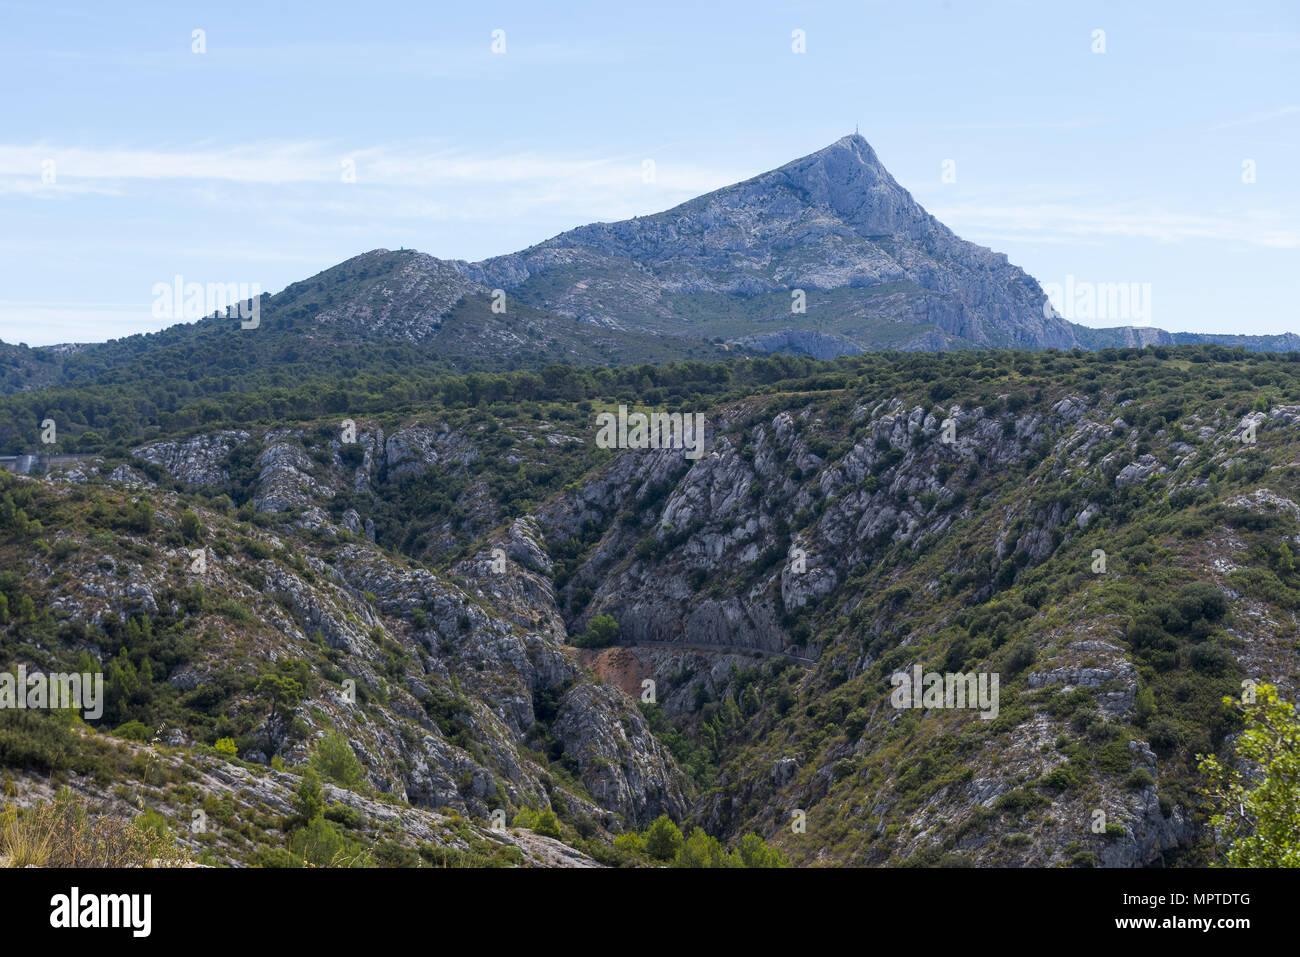 France, Provence, Montagne Sainte Victoire, Saint Victoire mountain Stock Photo